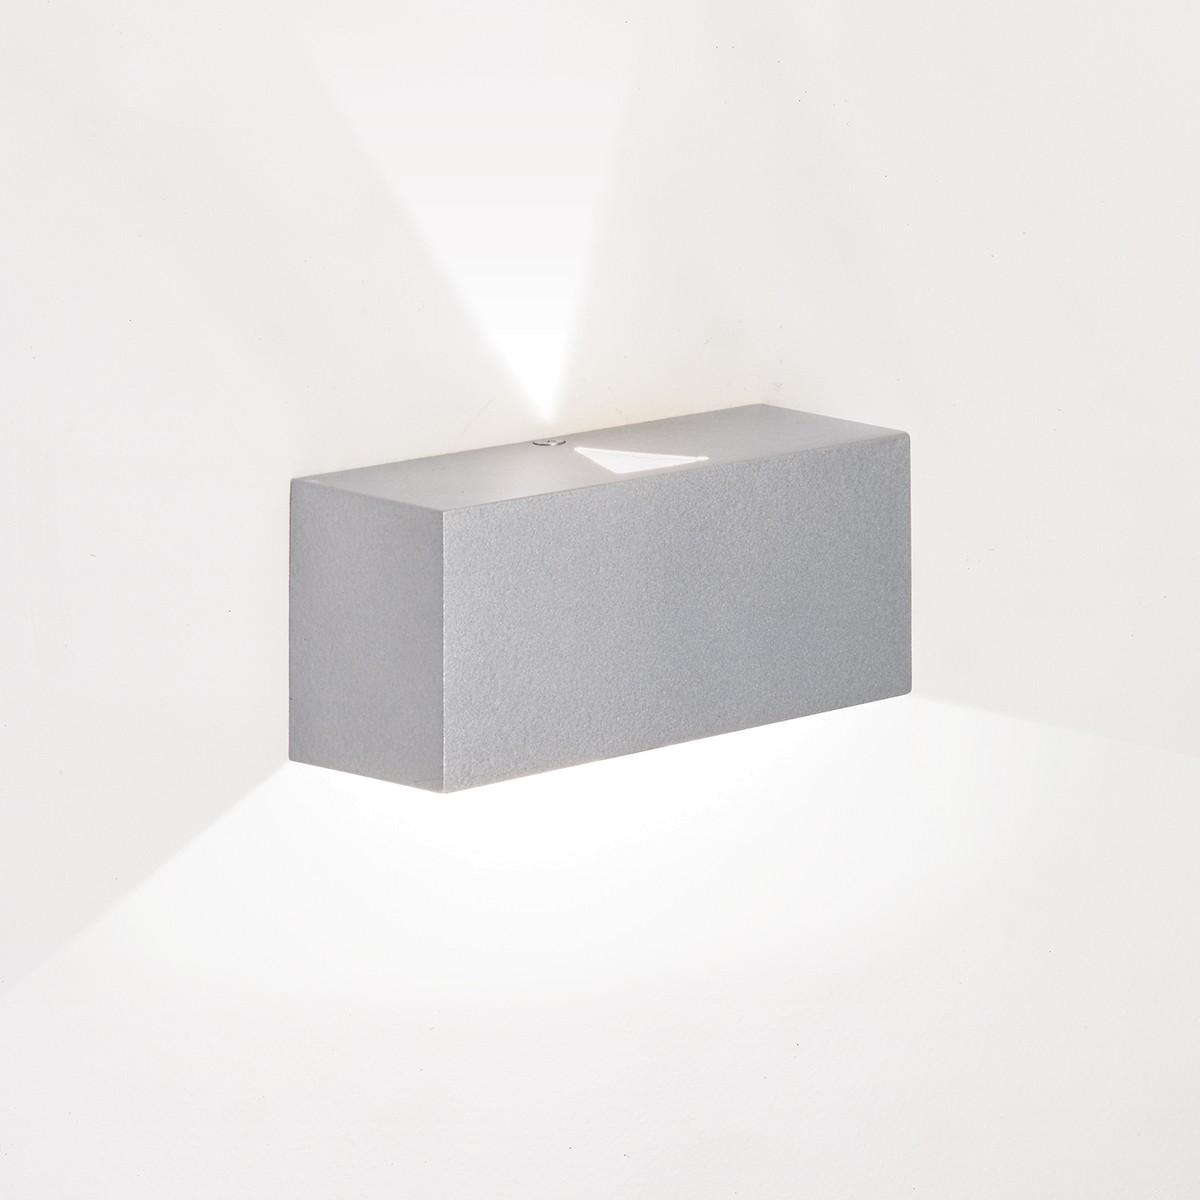 Milan Mini Wandleuchte, Höhe: 5,1 cm, grau lackiert